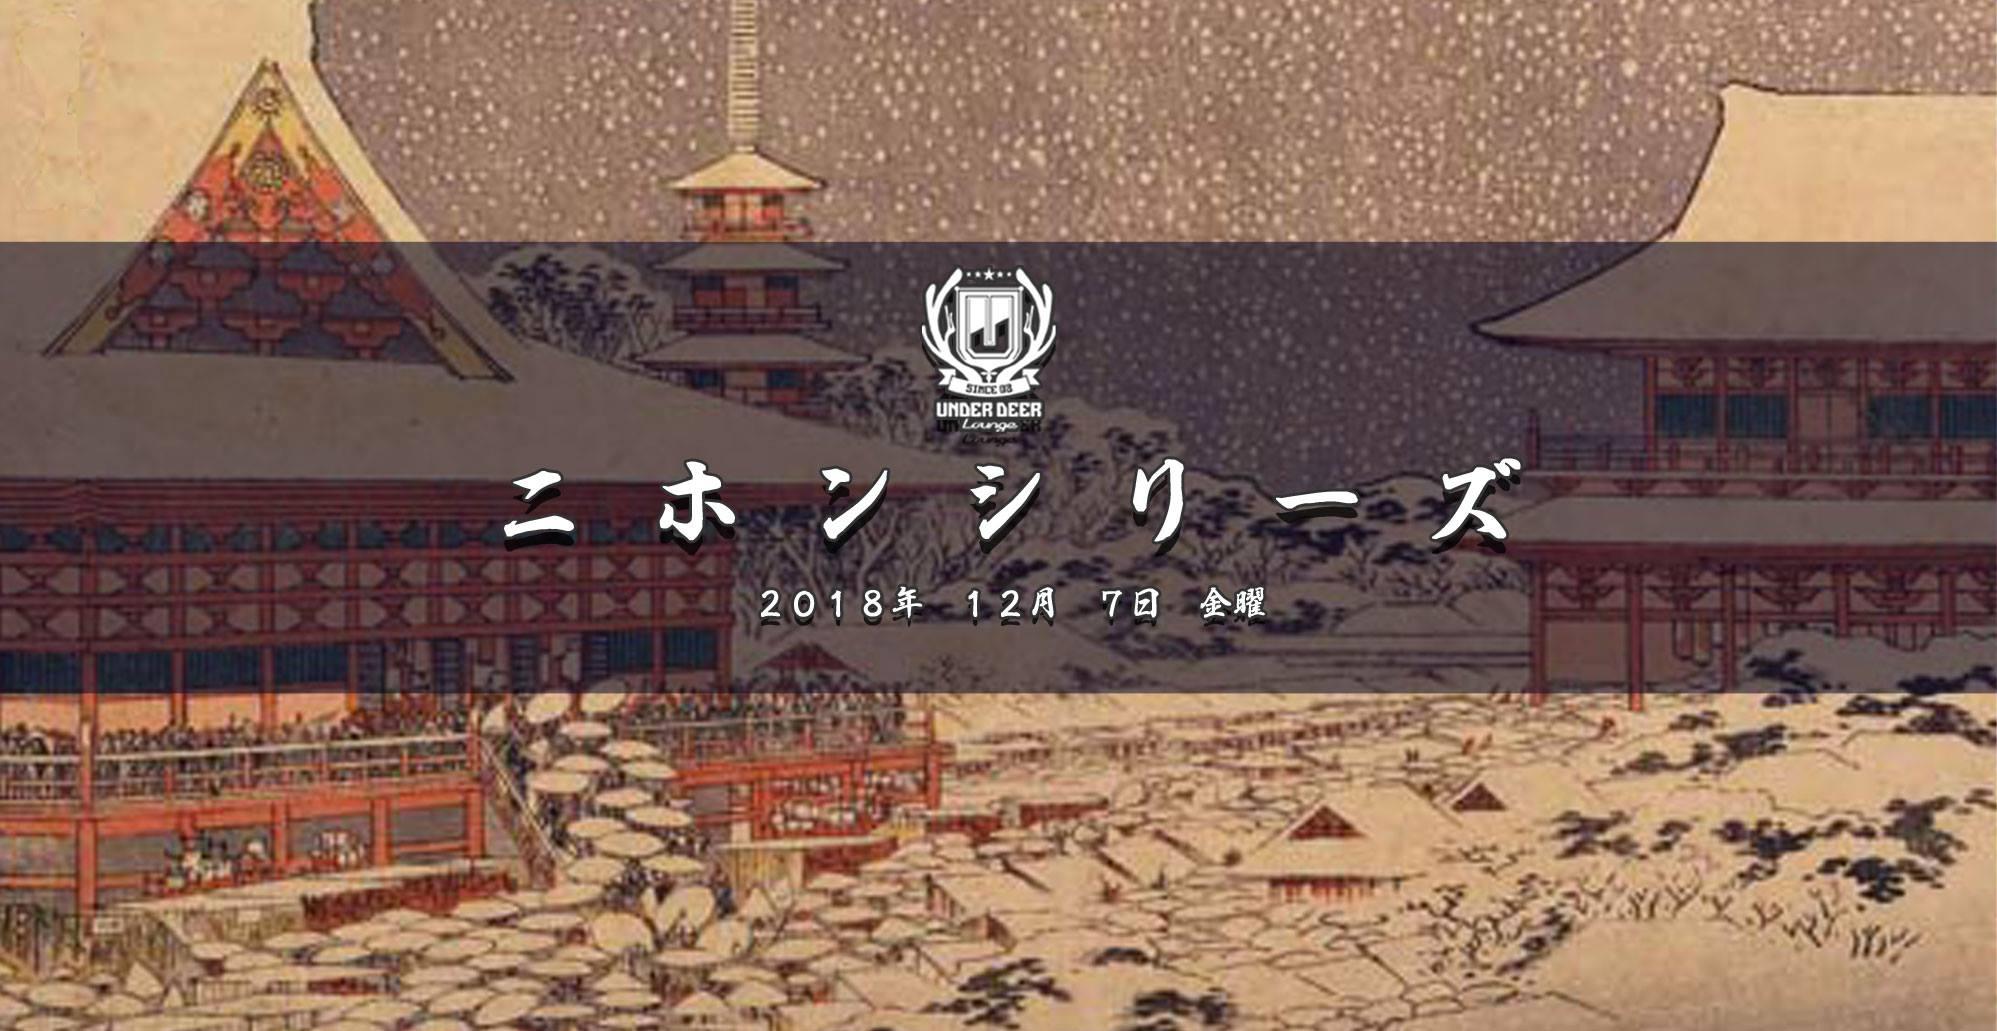 2018.12.7(fri) ニホンシリーズ @渋谷UNDER DEER Lounge